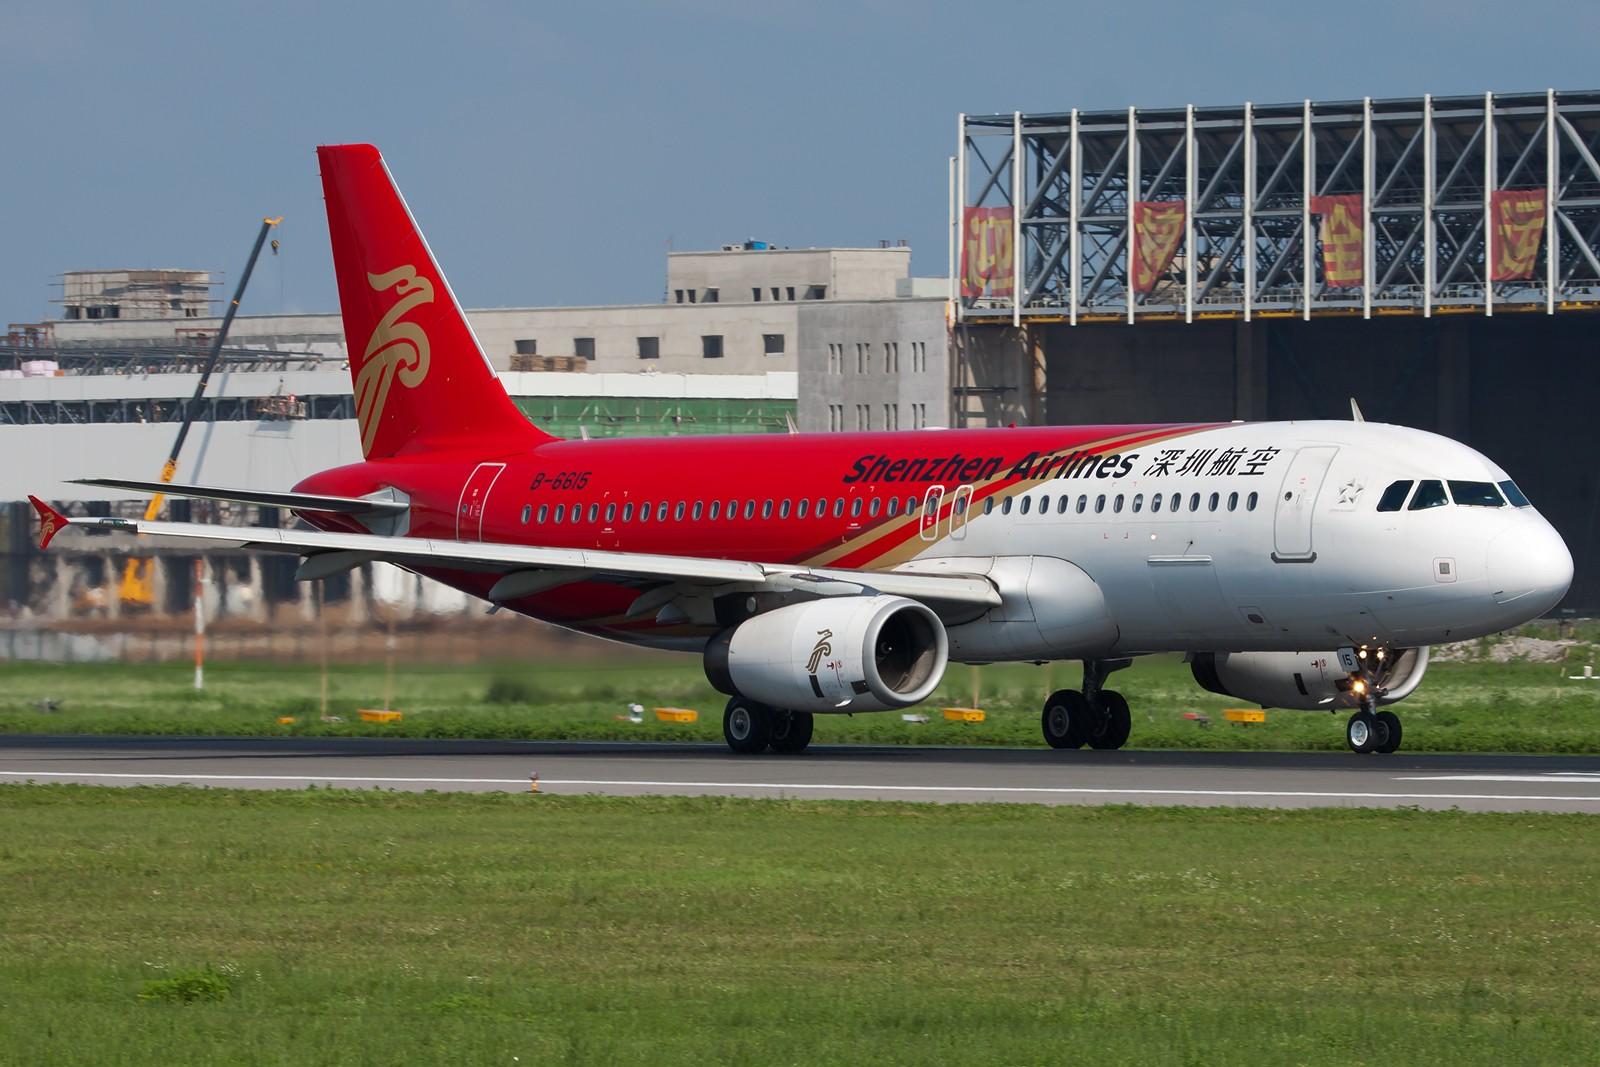 Re:[原创]沈阳桃仙国际机场 24号跑道 深圳航空一组 AIRBUS A320-200 B-6615 中国沈阳桃仙机场